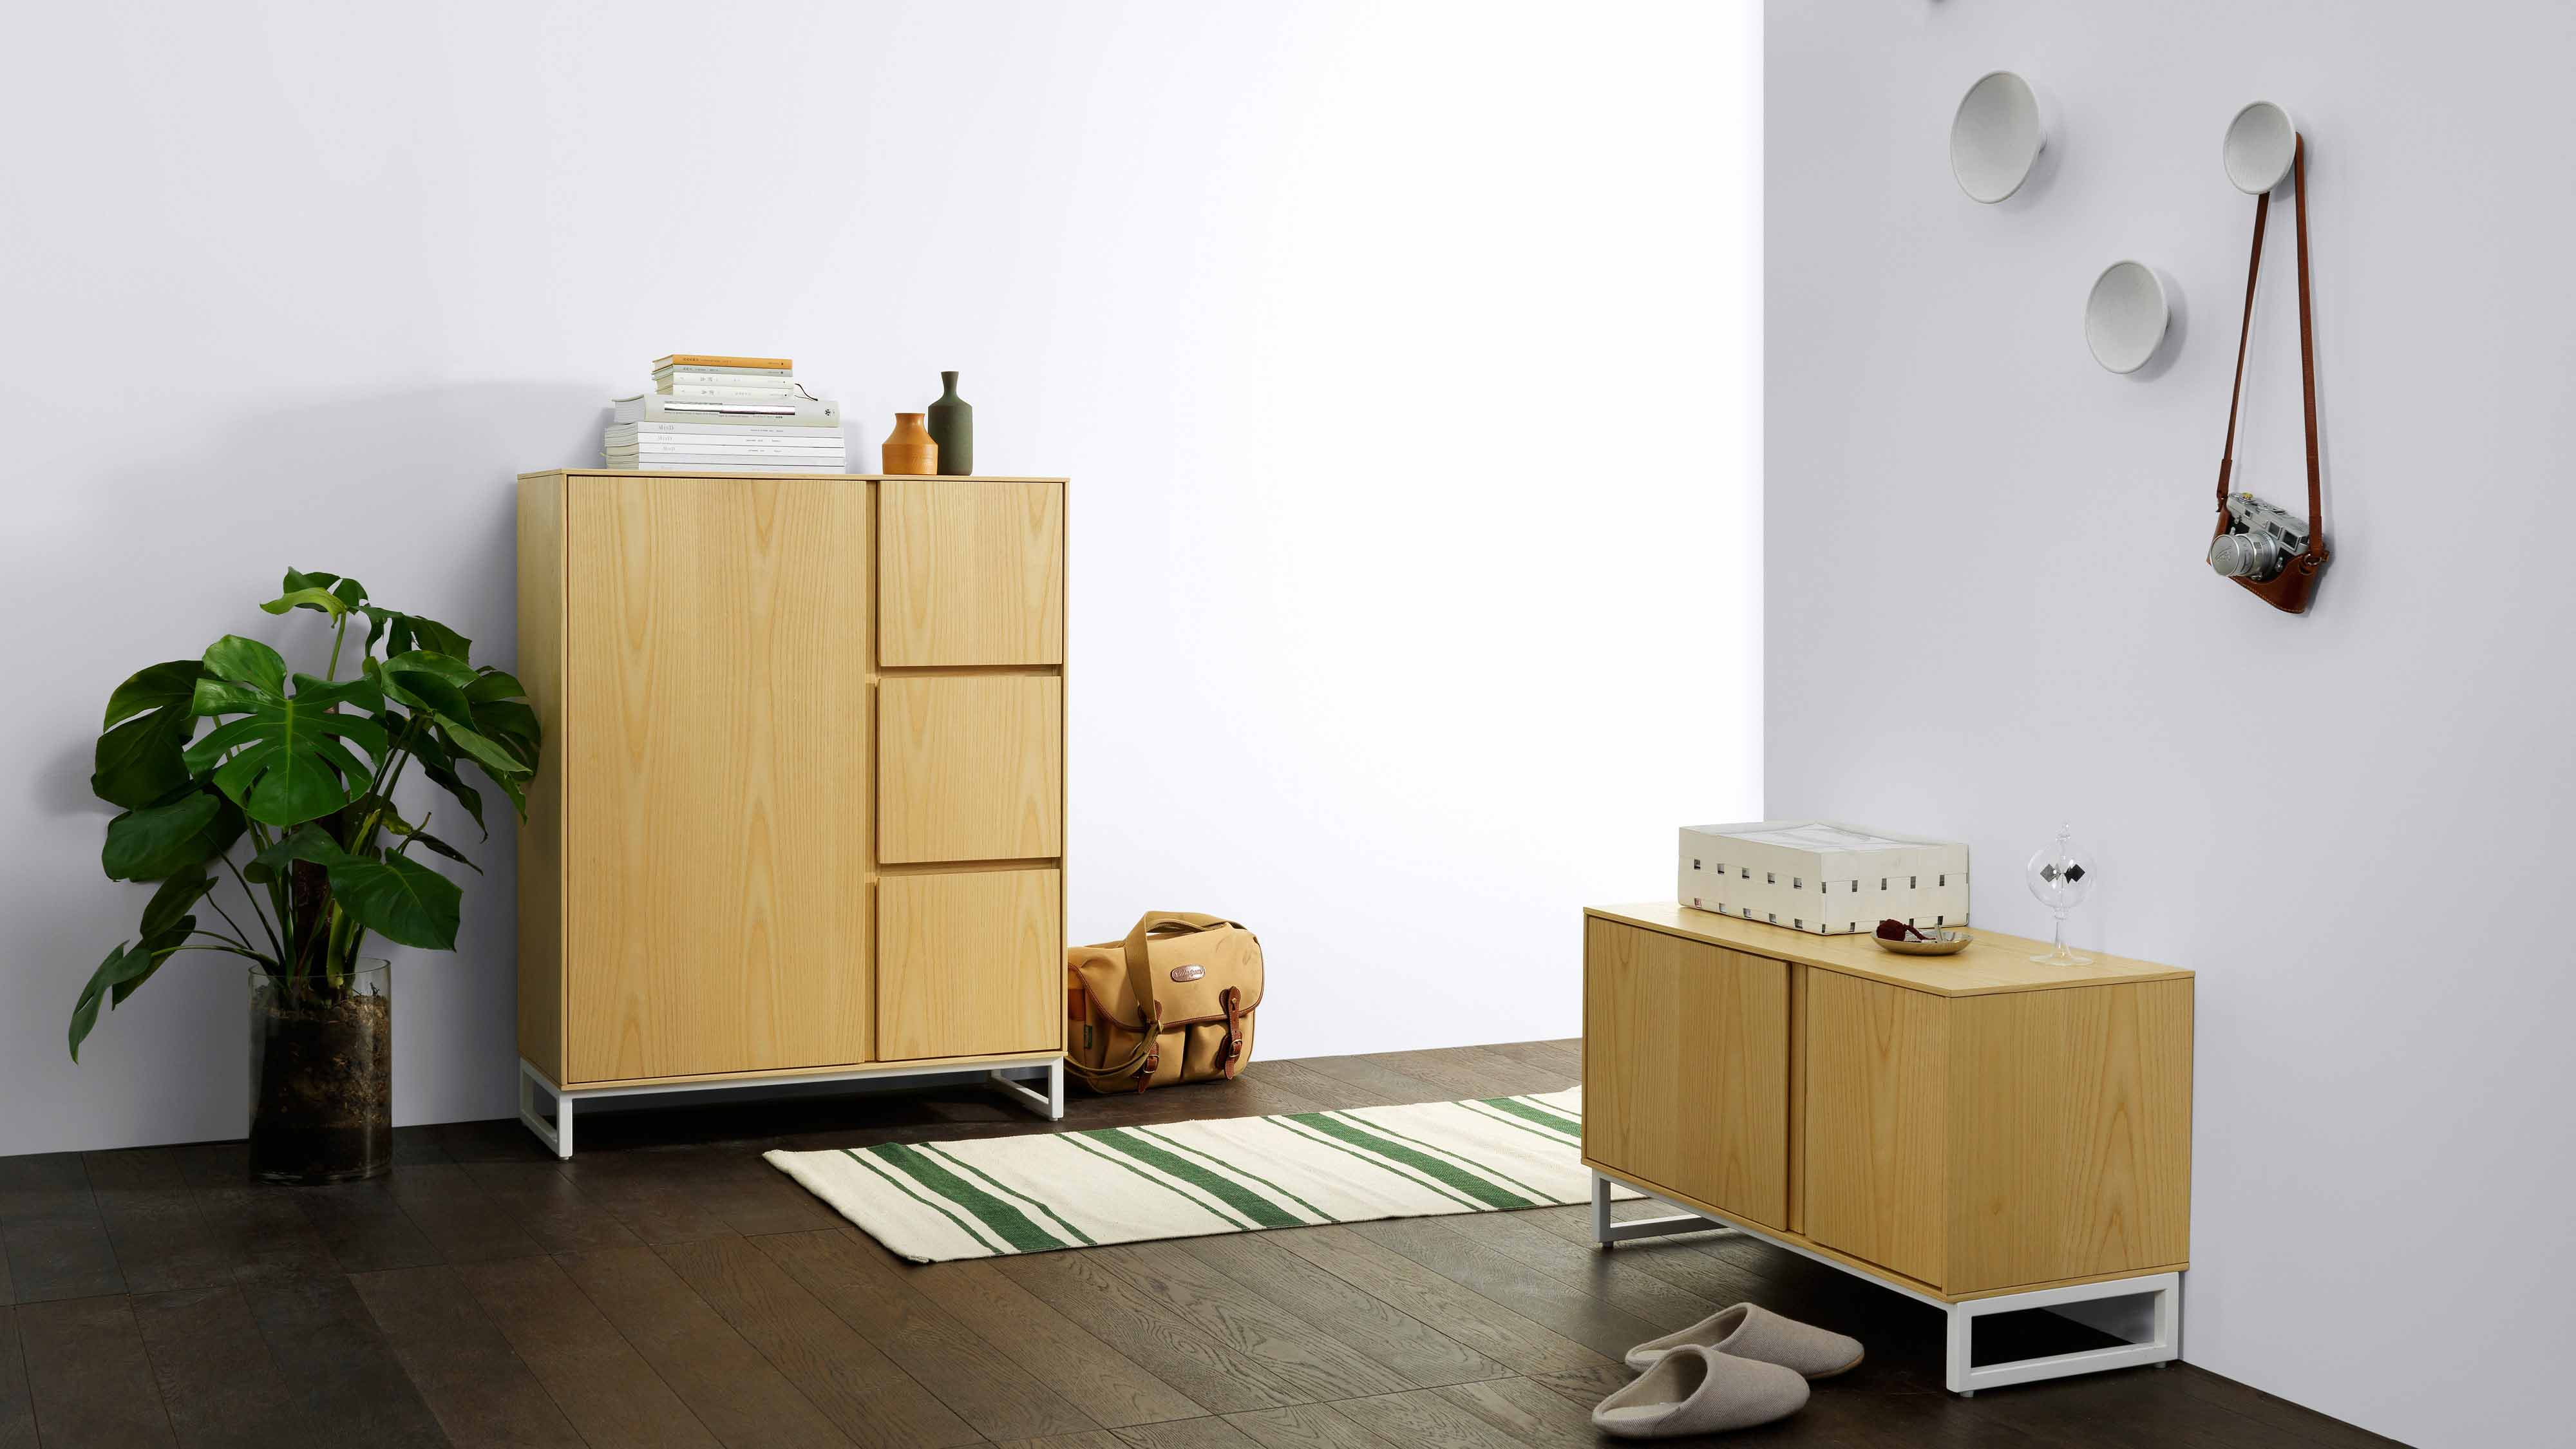 与画板同系列鞋柜组合搭配更有层次,换了鞋,挂上包,随身小物的有序收纳,留给门厅一个内敛温感的暂停键。